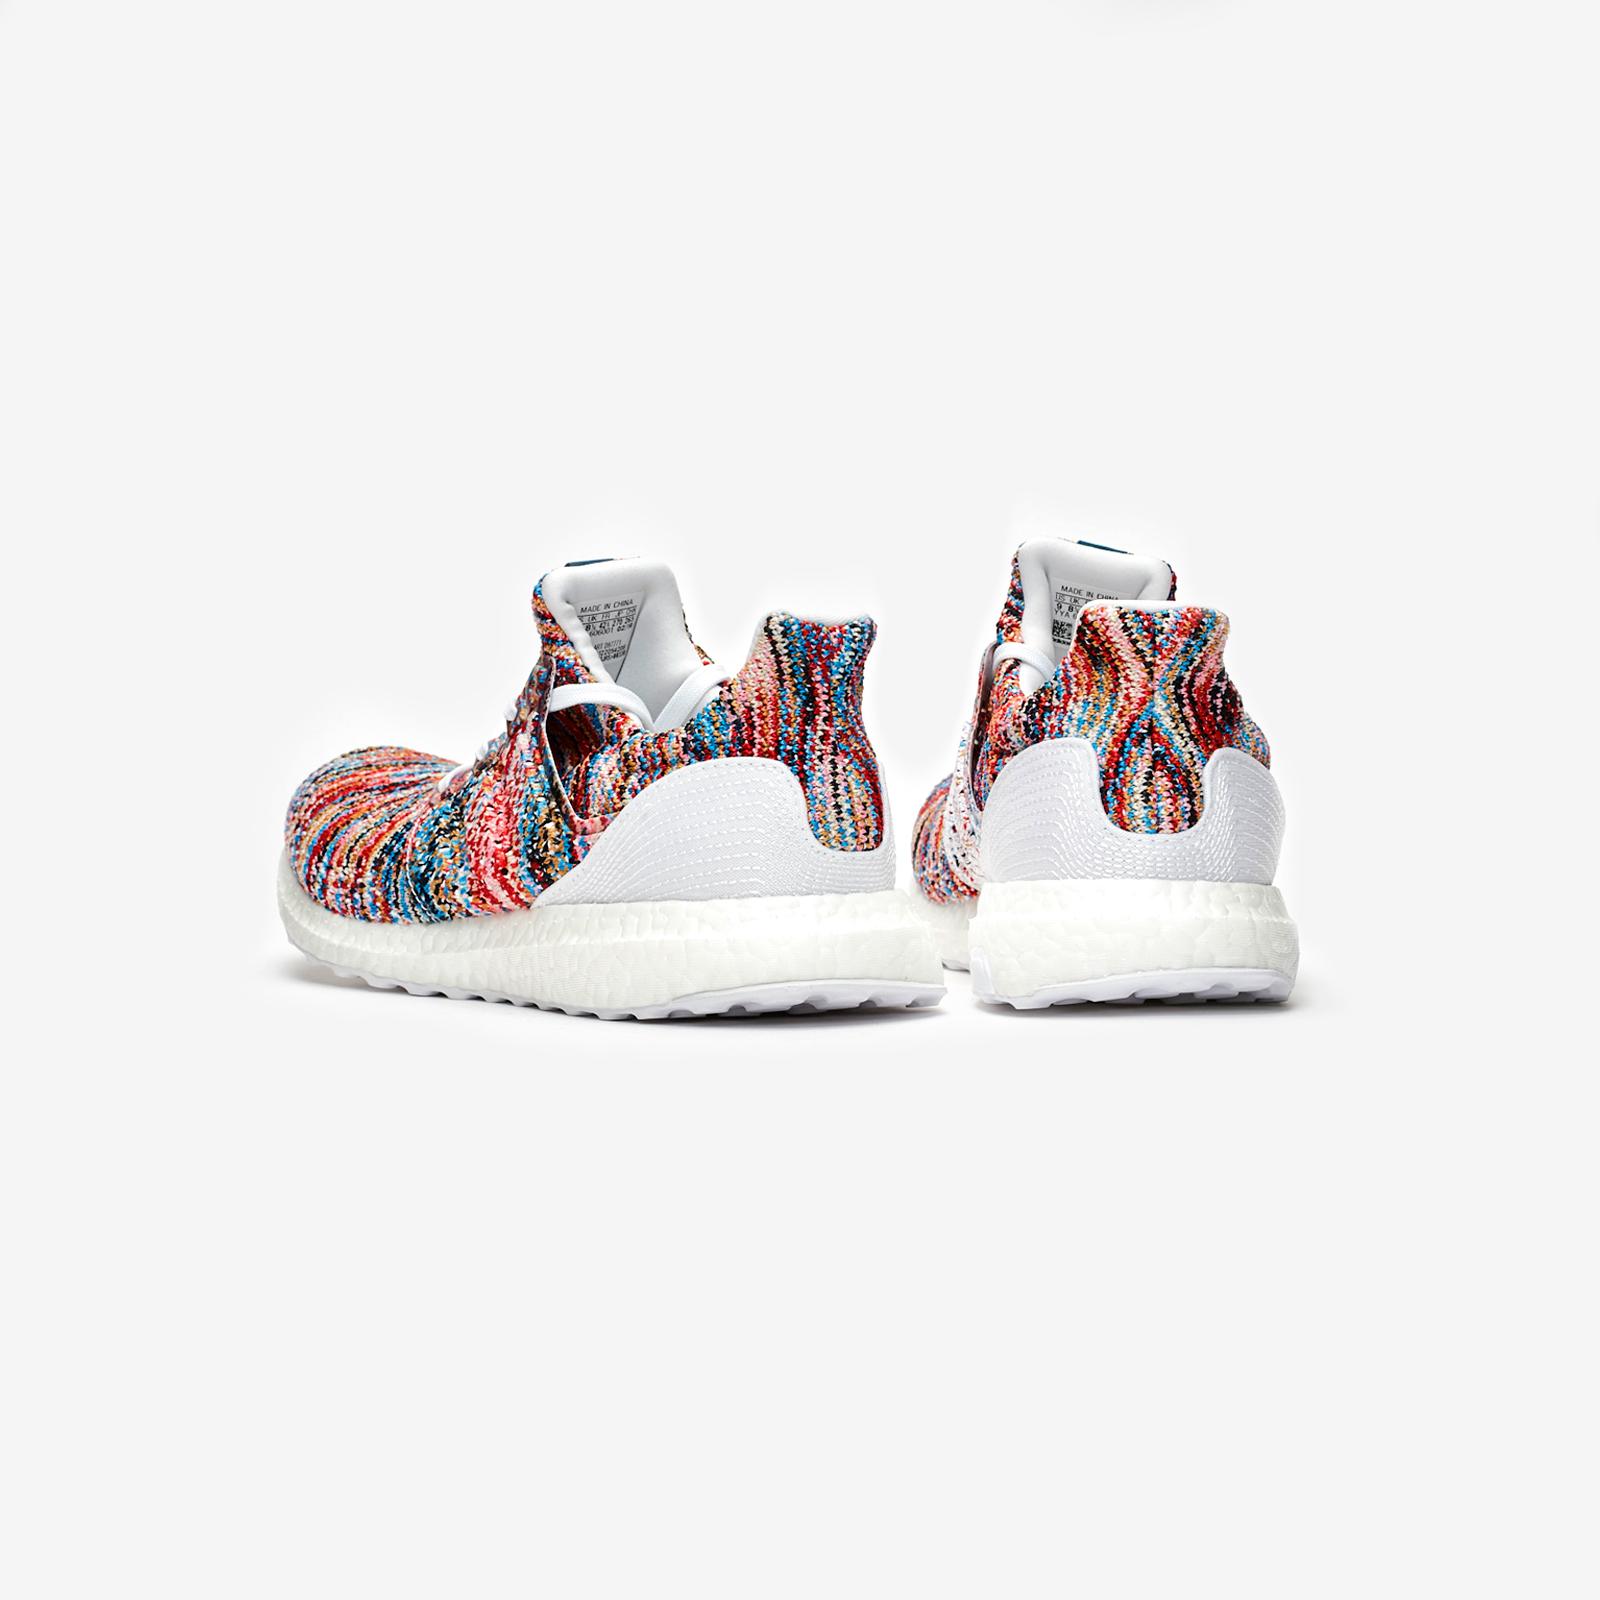 ab21929d77892 adidas UltraBOOST Clima x Missoni - D97771 - Sneakersnstuff ...